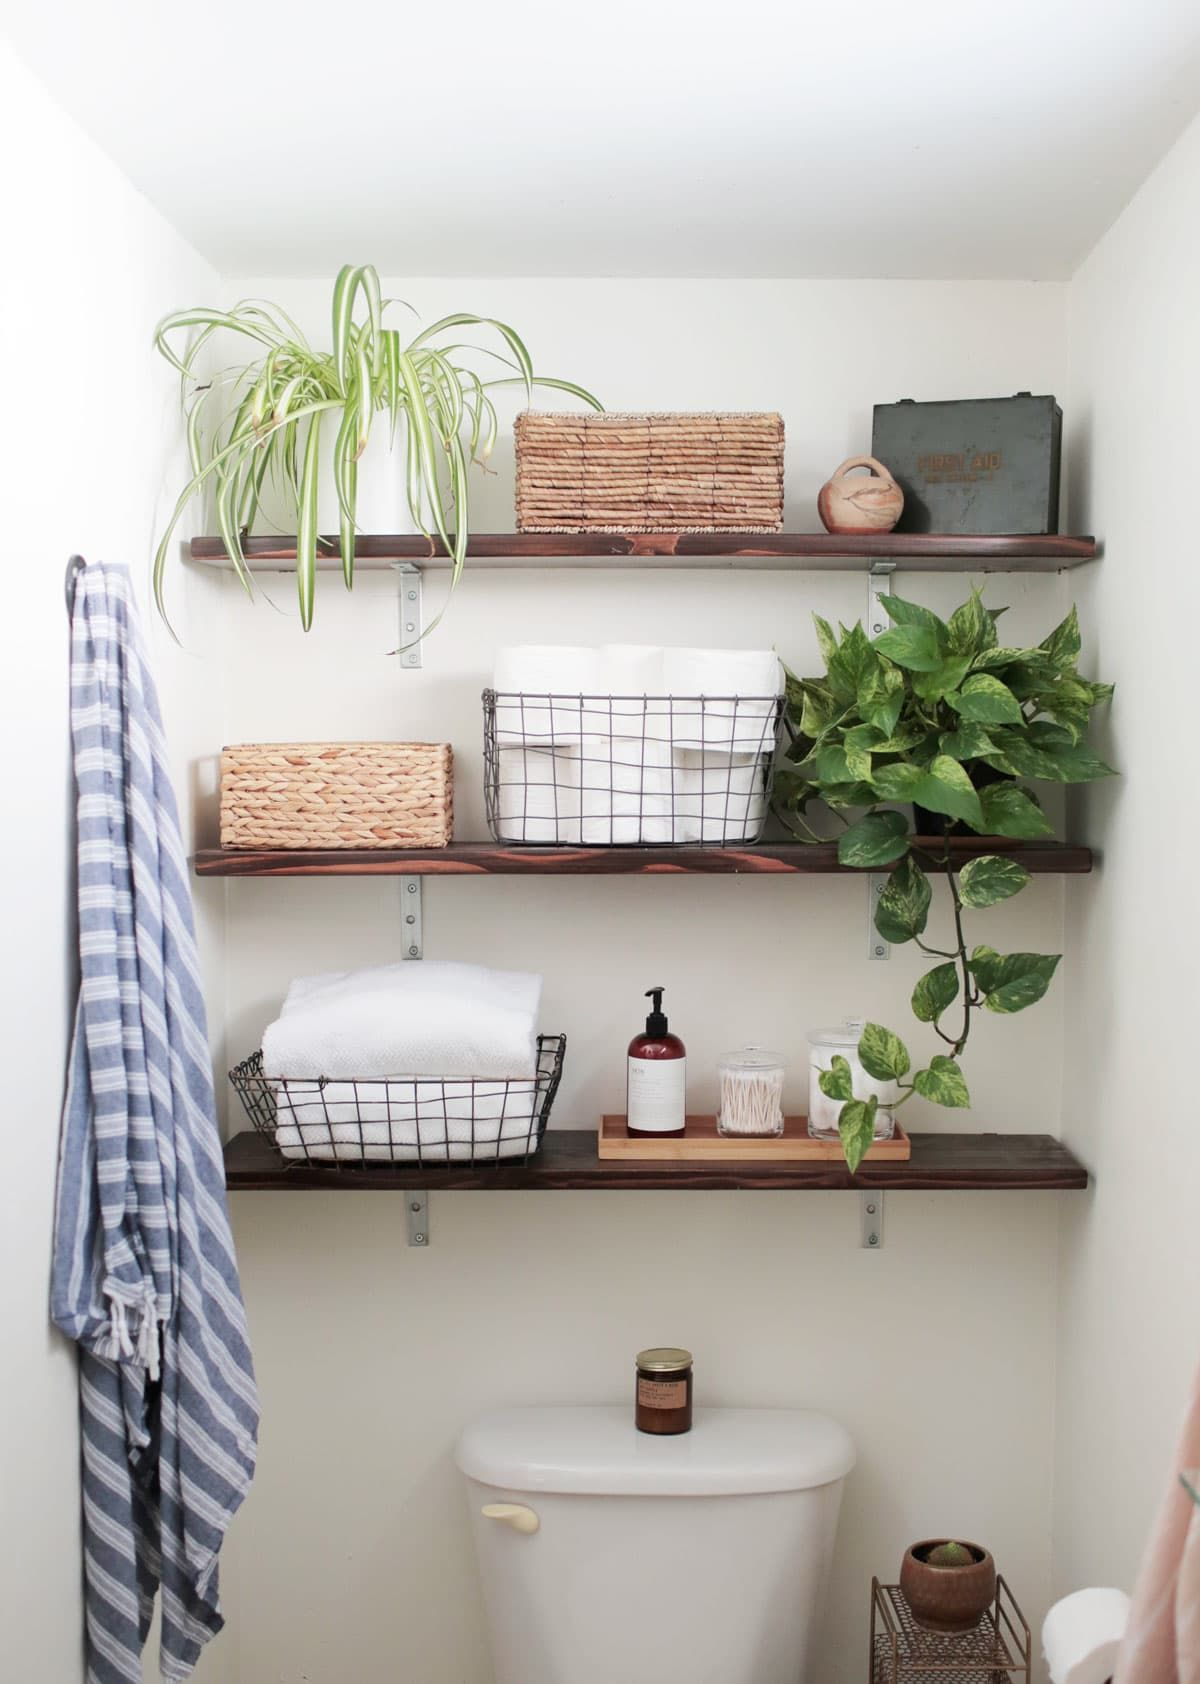 10 Spots to Sneak in a Little More Shelf Storage | Toilet, Shelves ...